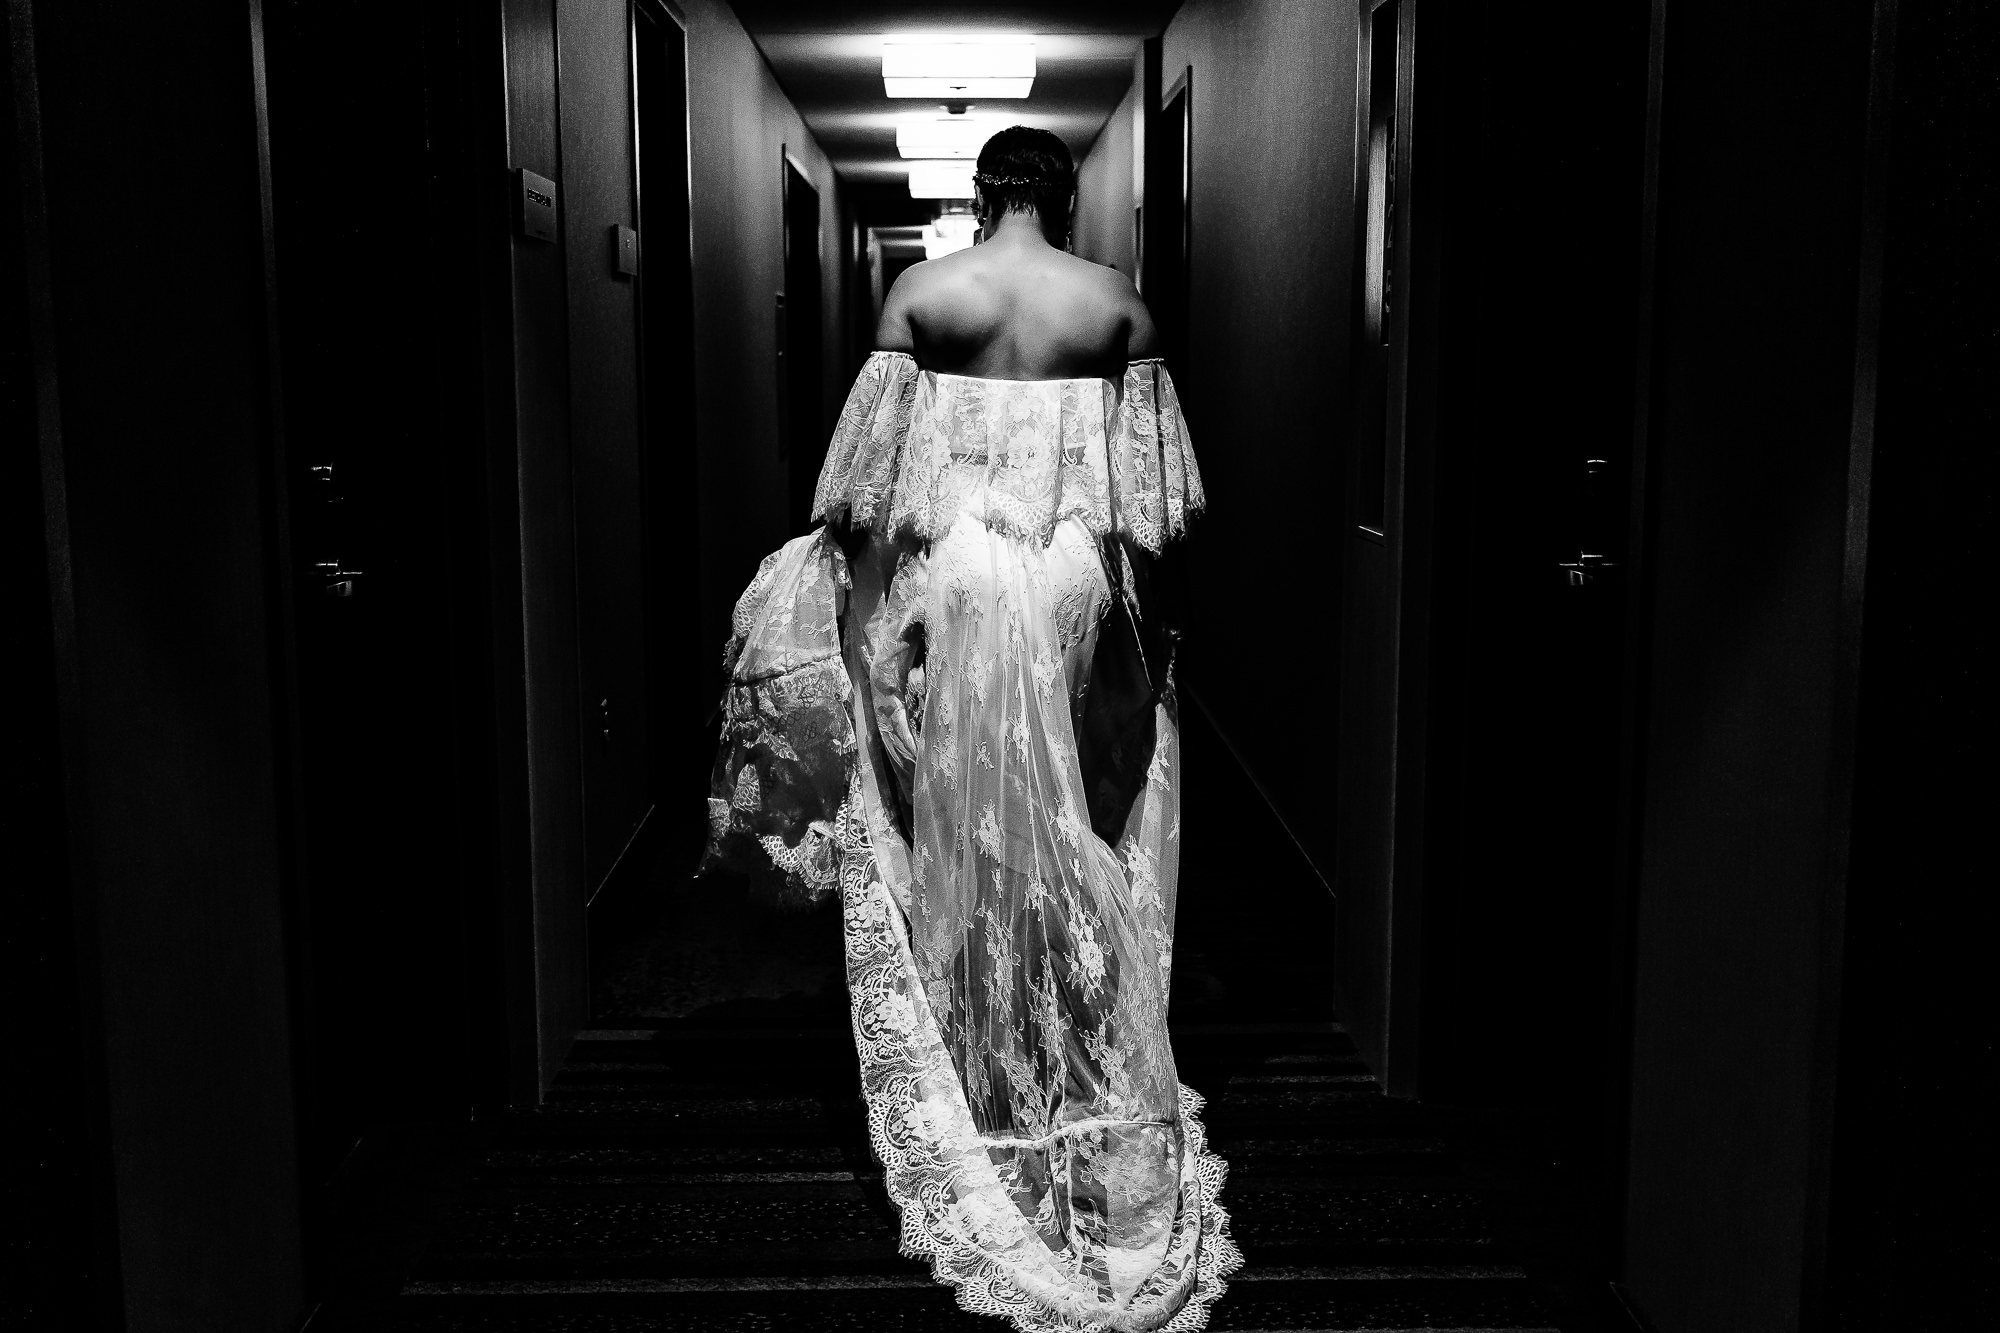 021-021-christopher-jason-studios-university-of-maryland-wedding-raheem-Devaughn-african-american-bride-and-groom.jpg